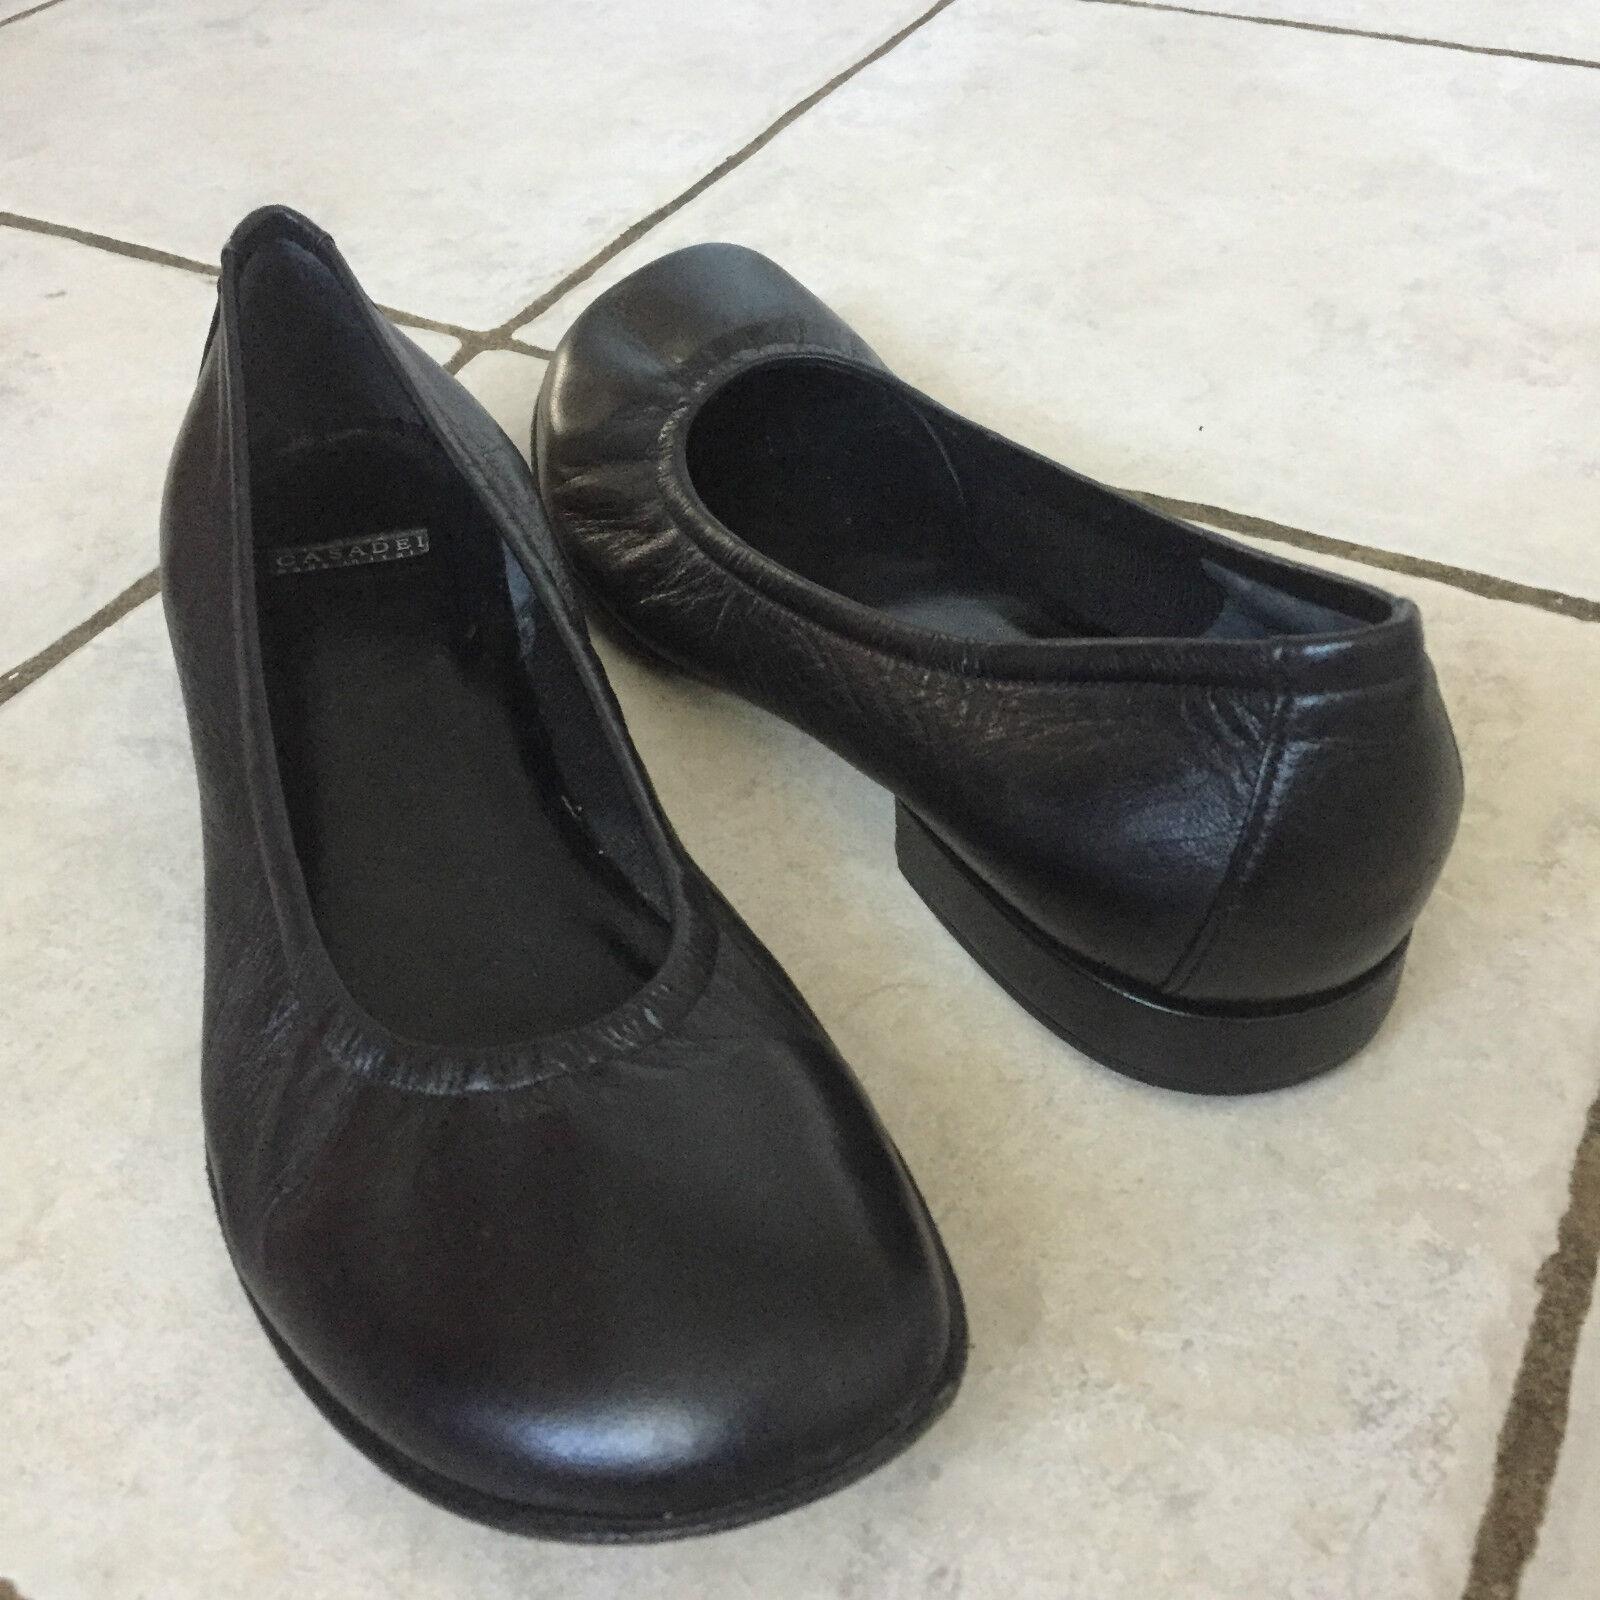 Miglior prezzo Casadei nero Leather Ballet Flats  Dimensione Dimensione Dimensione 8B  autentico online